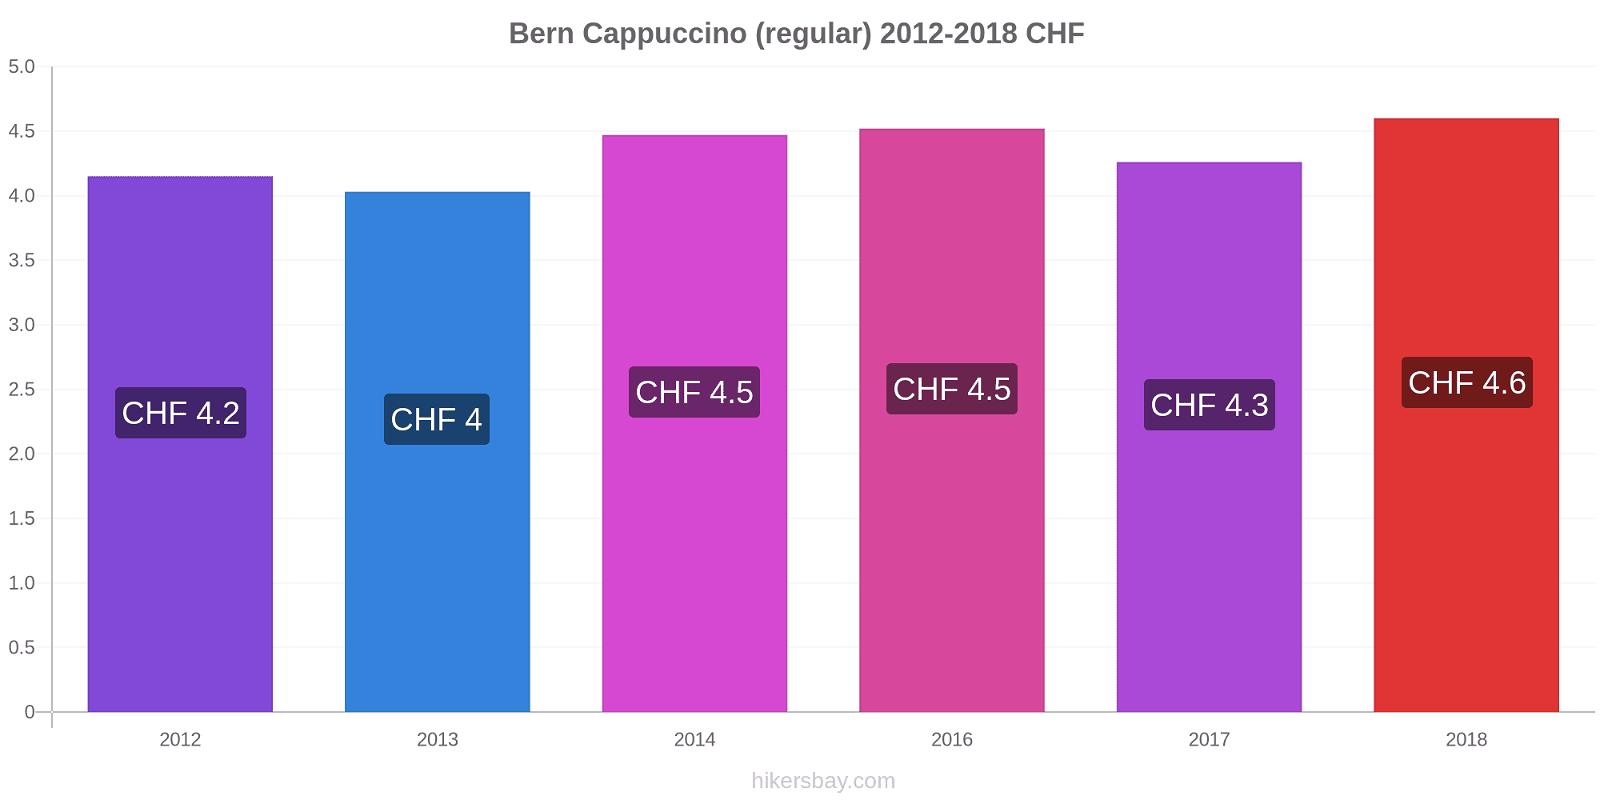 Bern price changes Cappuccino (regular) hikersbay.com